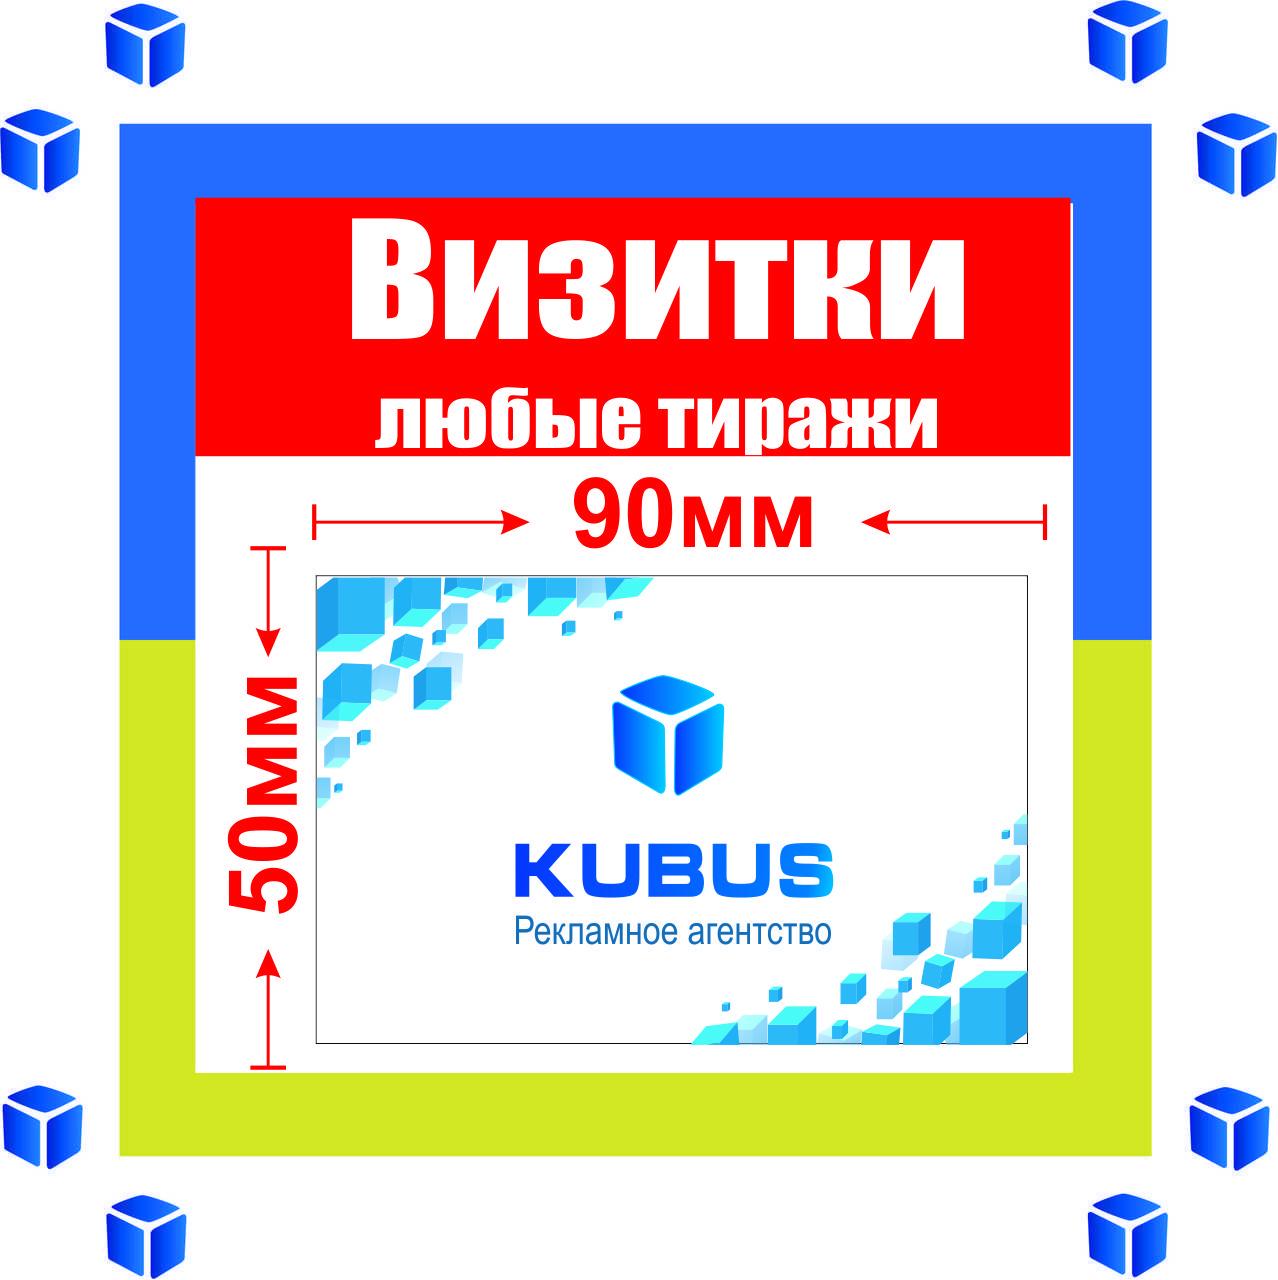 Визитки цветные двухсторонние 3 000 шт(любые тиражи,защитный лак матовый/ 3 дня )